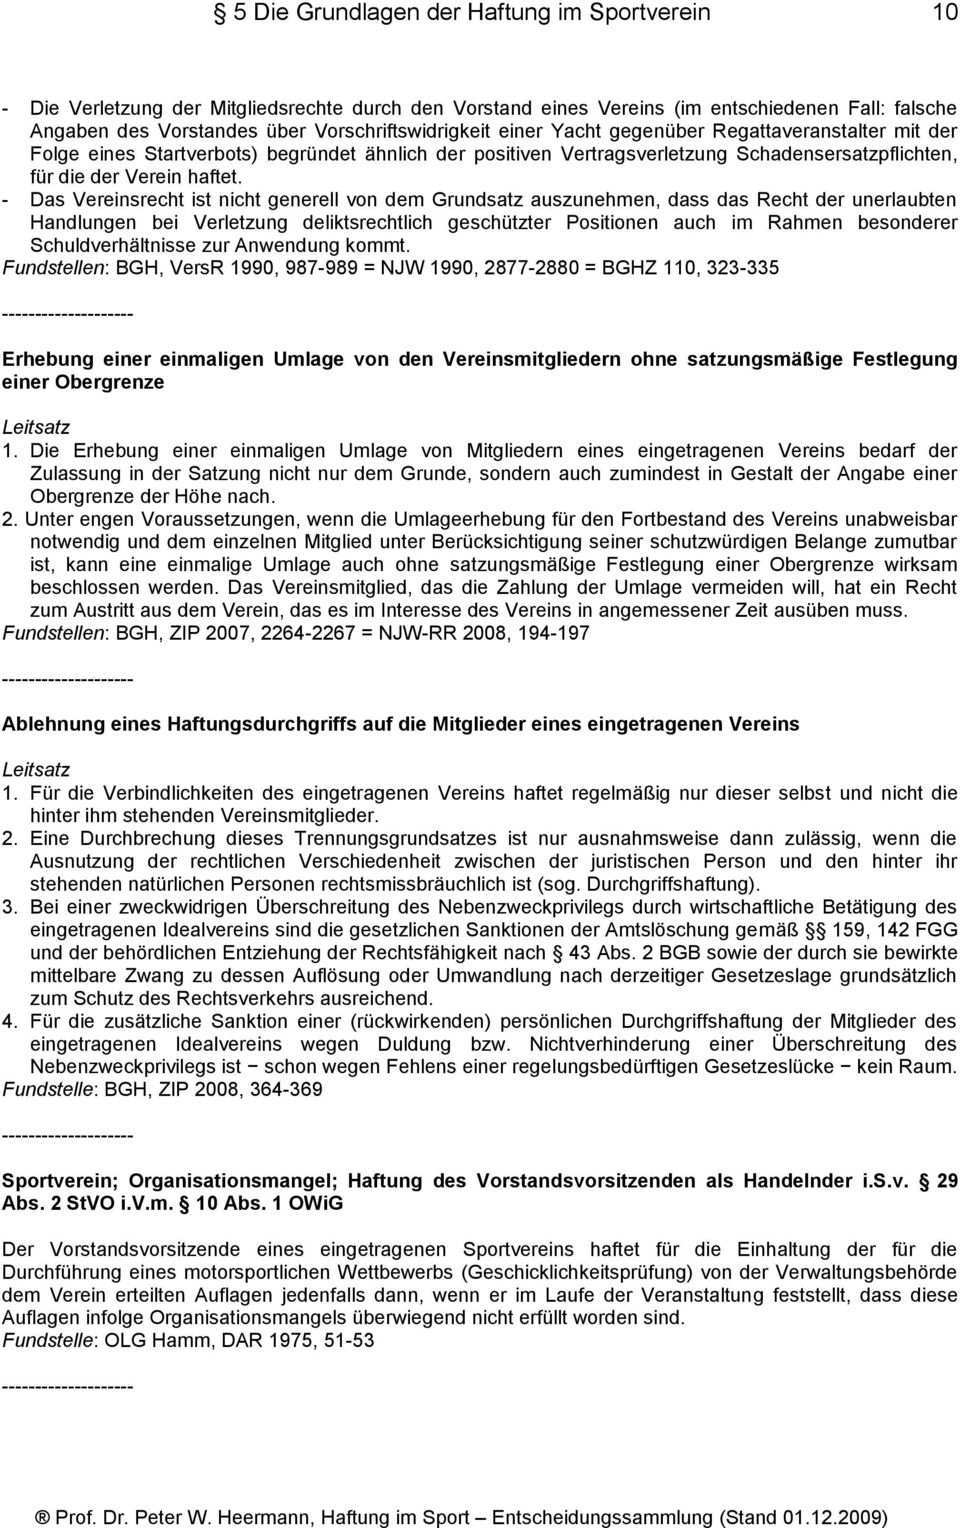 Haftung Im Sport Entscheidungssammlung Pdf Free Download